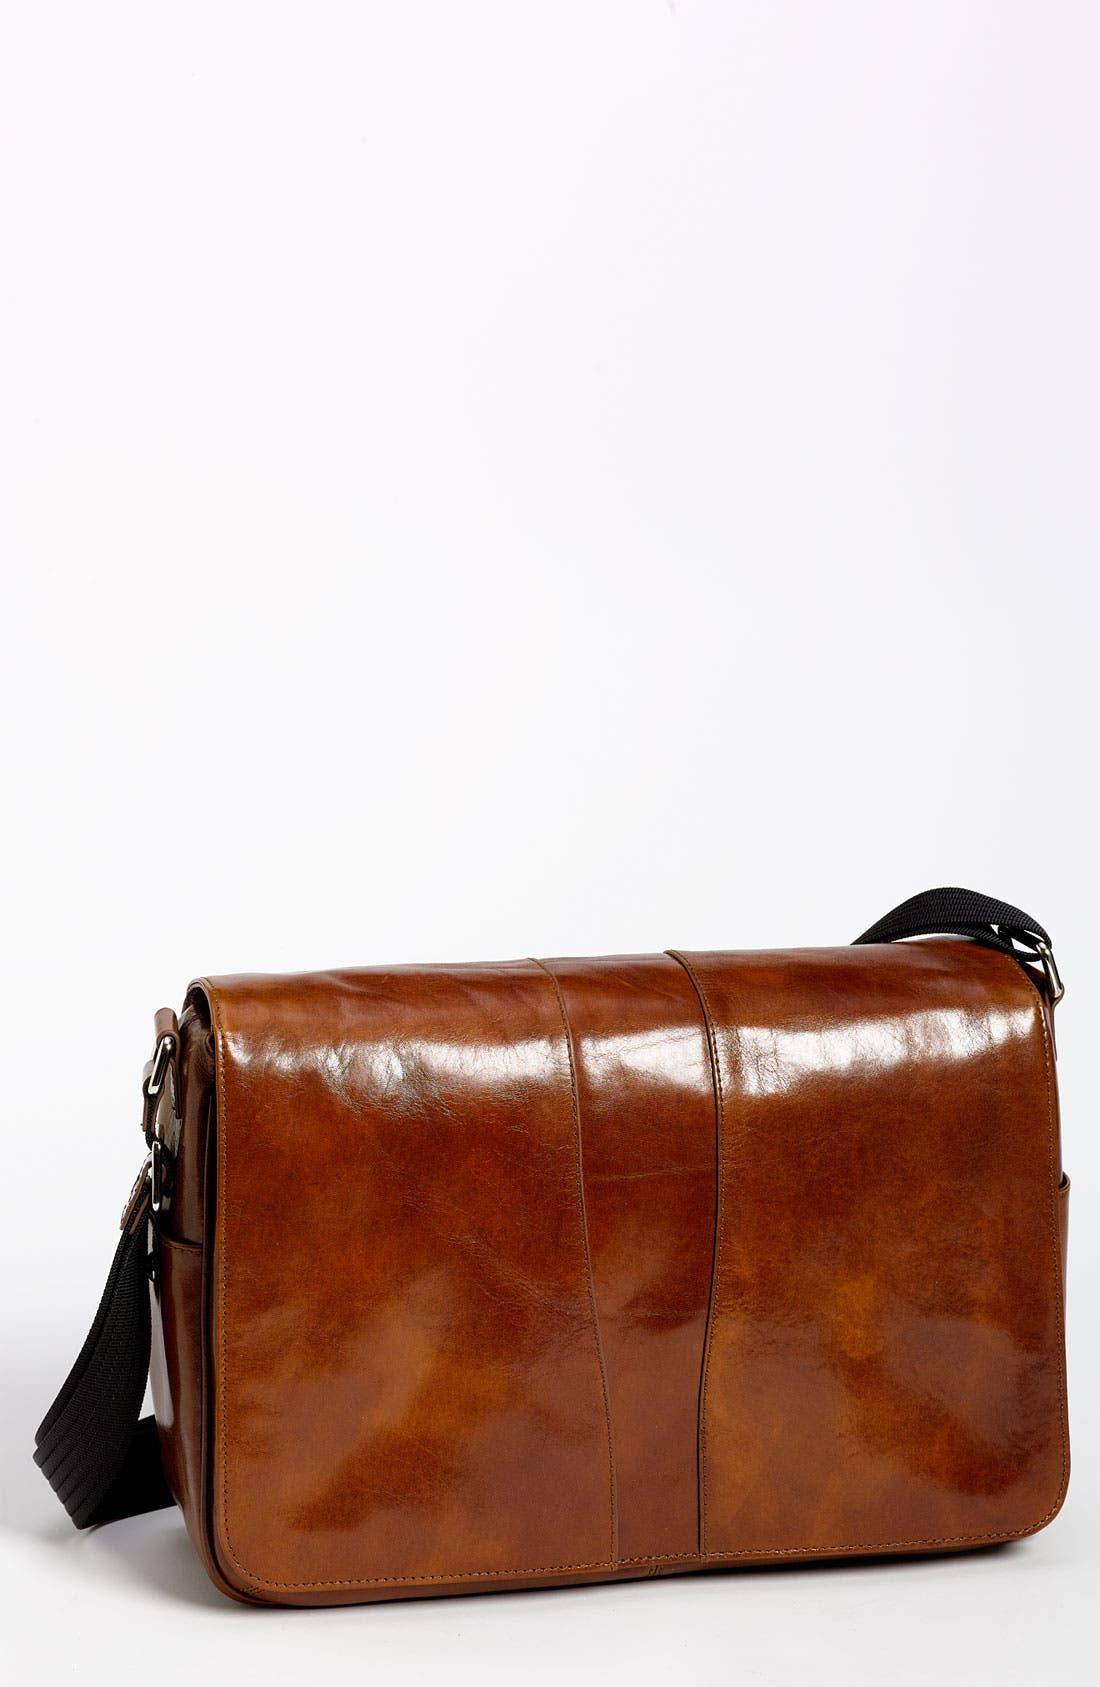 BOSCA Leather Messenger Bag